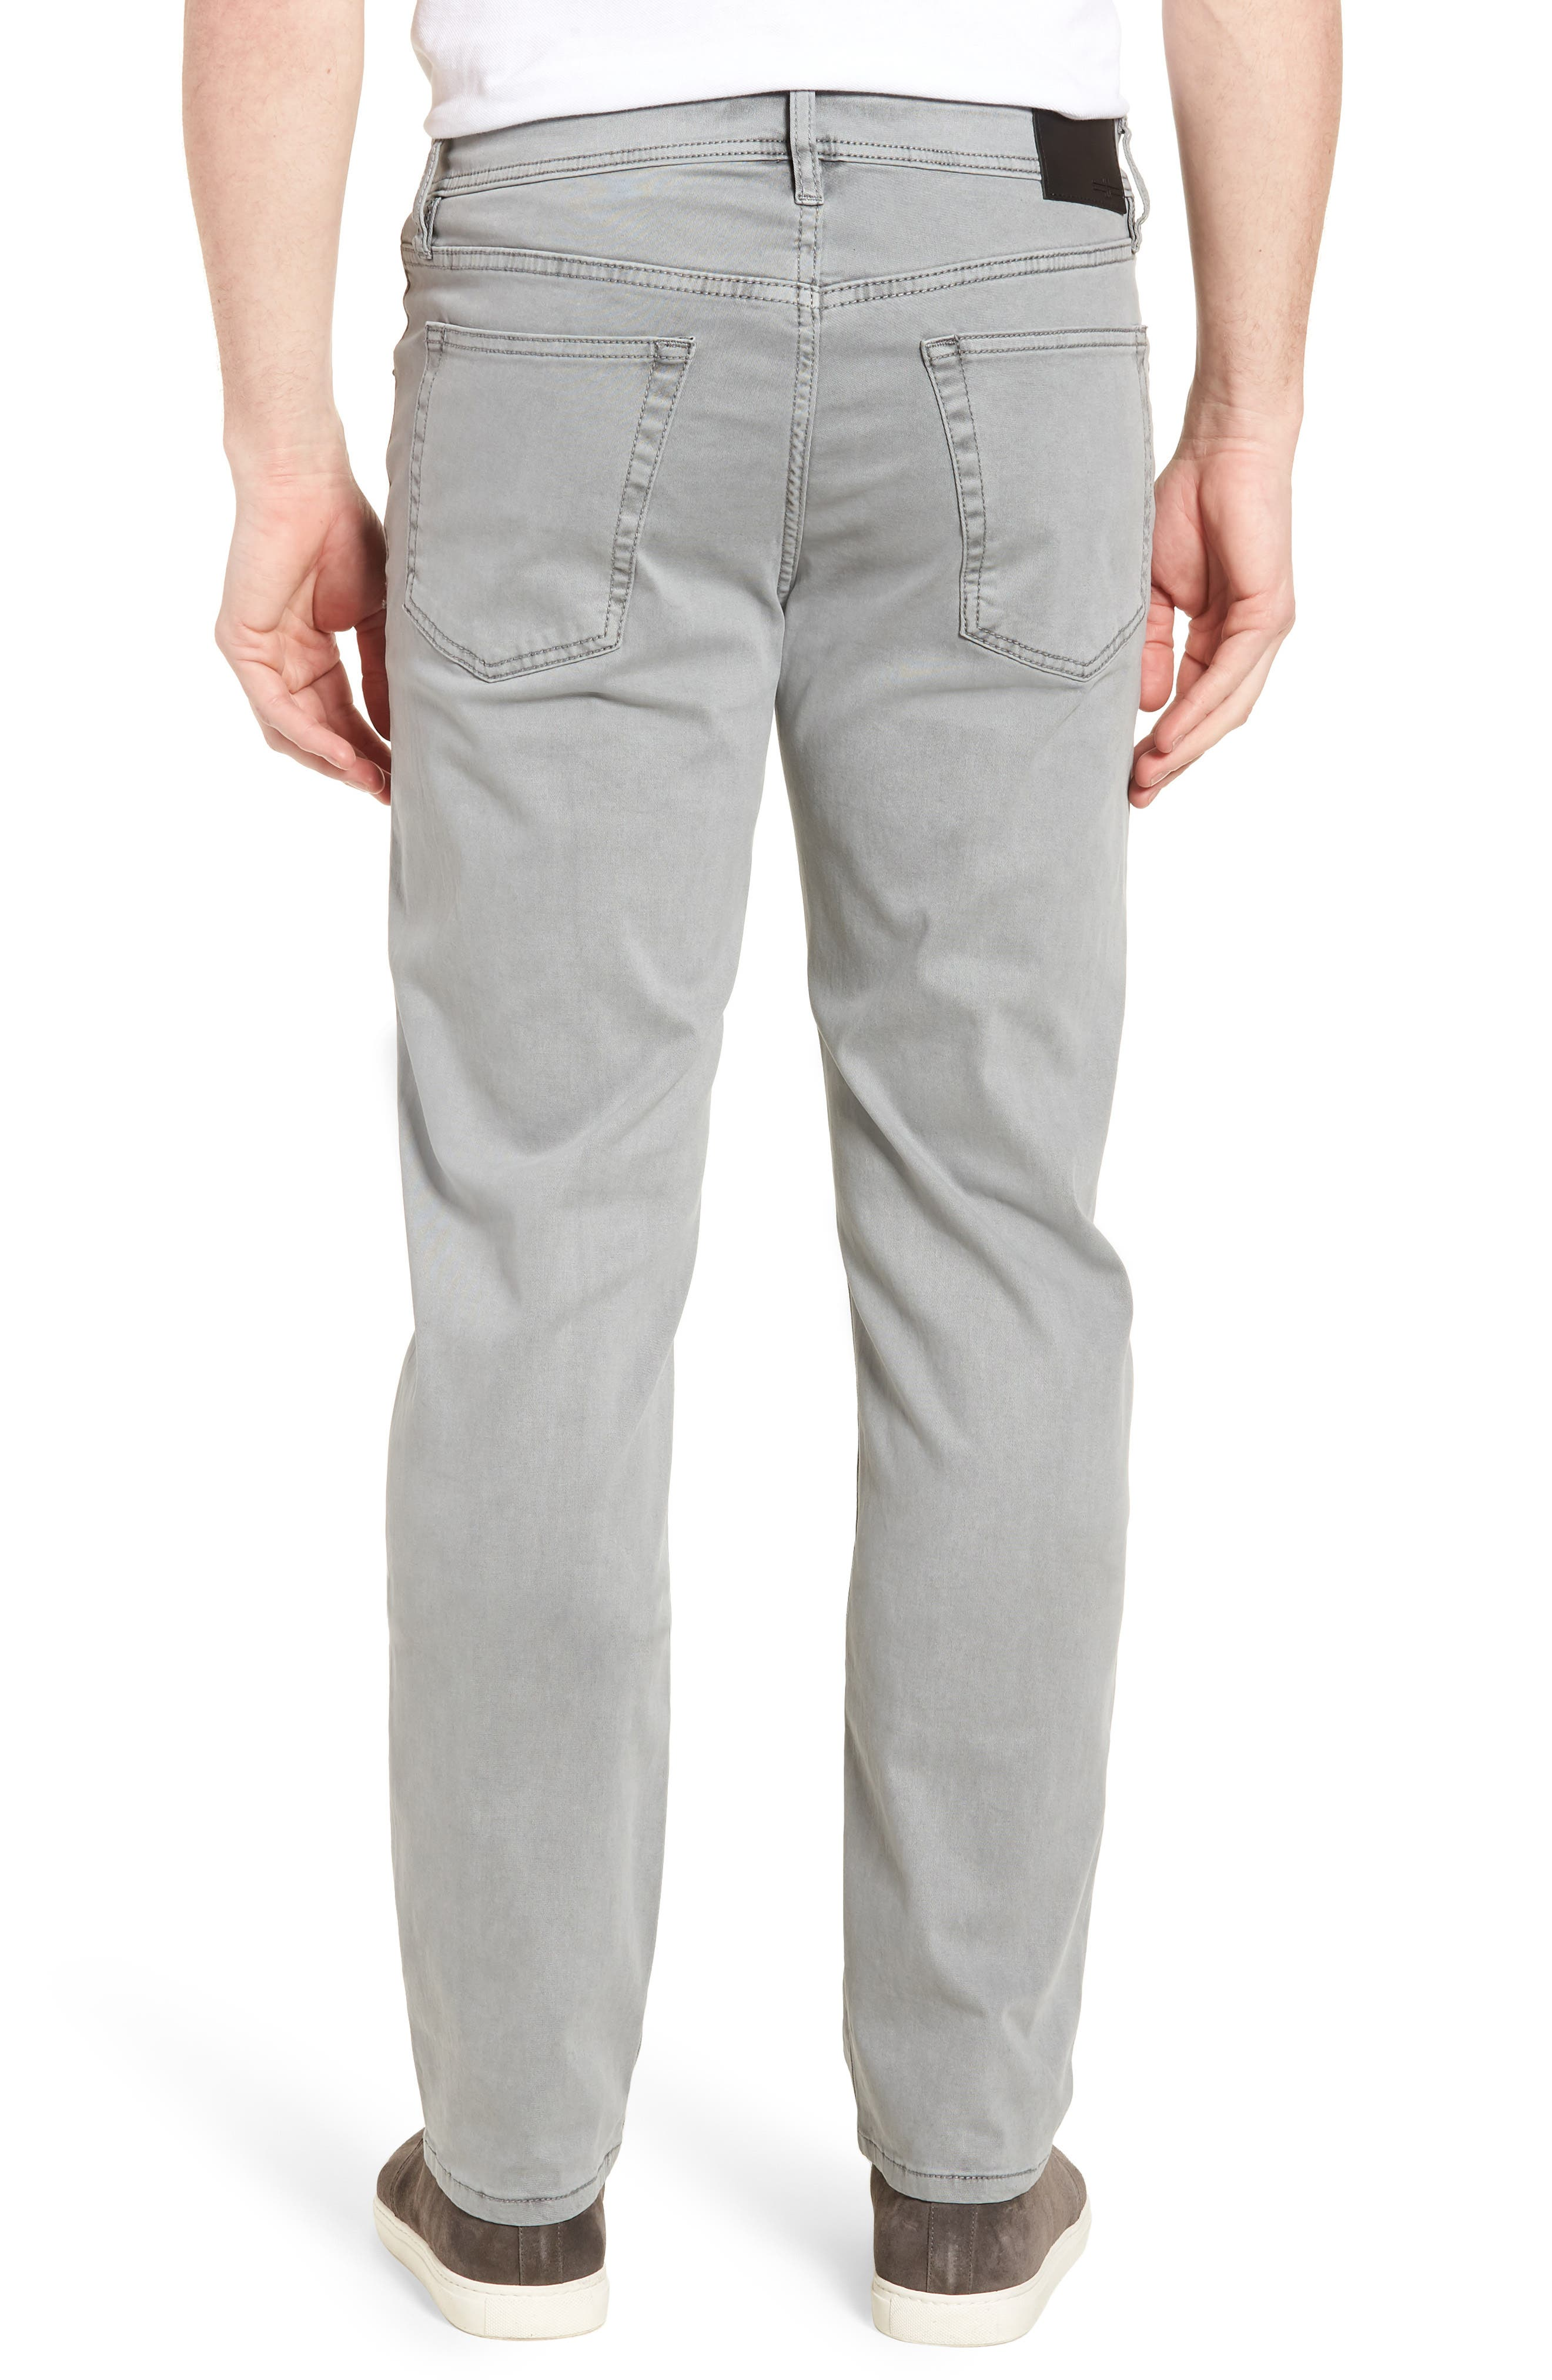 Jeans Co. Straight Leg Jeans,                             Alternate thumbnail 2, color,                             SHARKSKIN